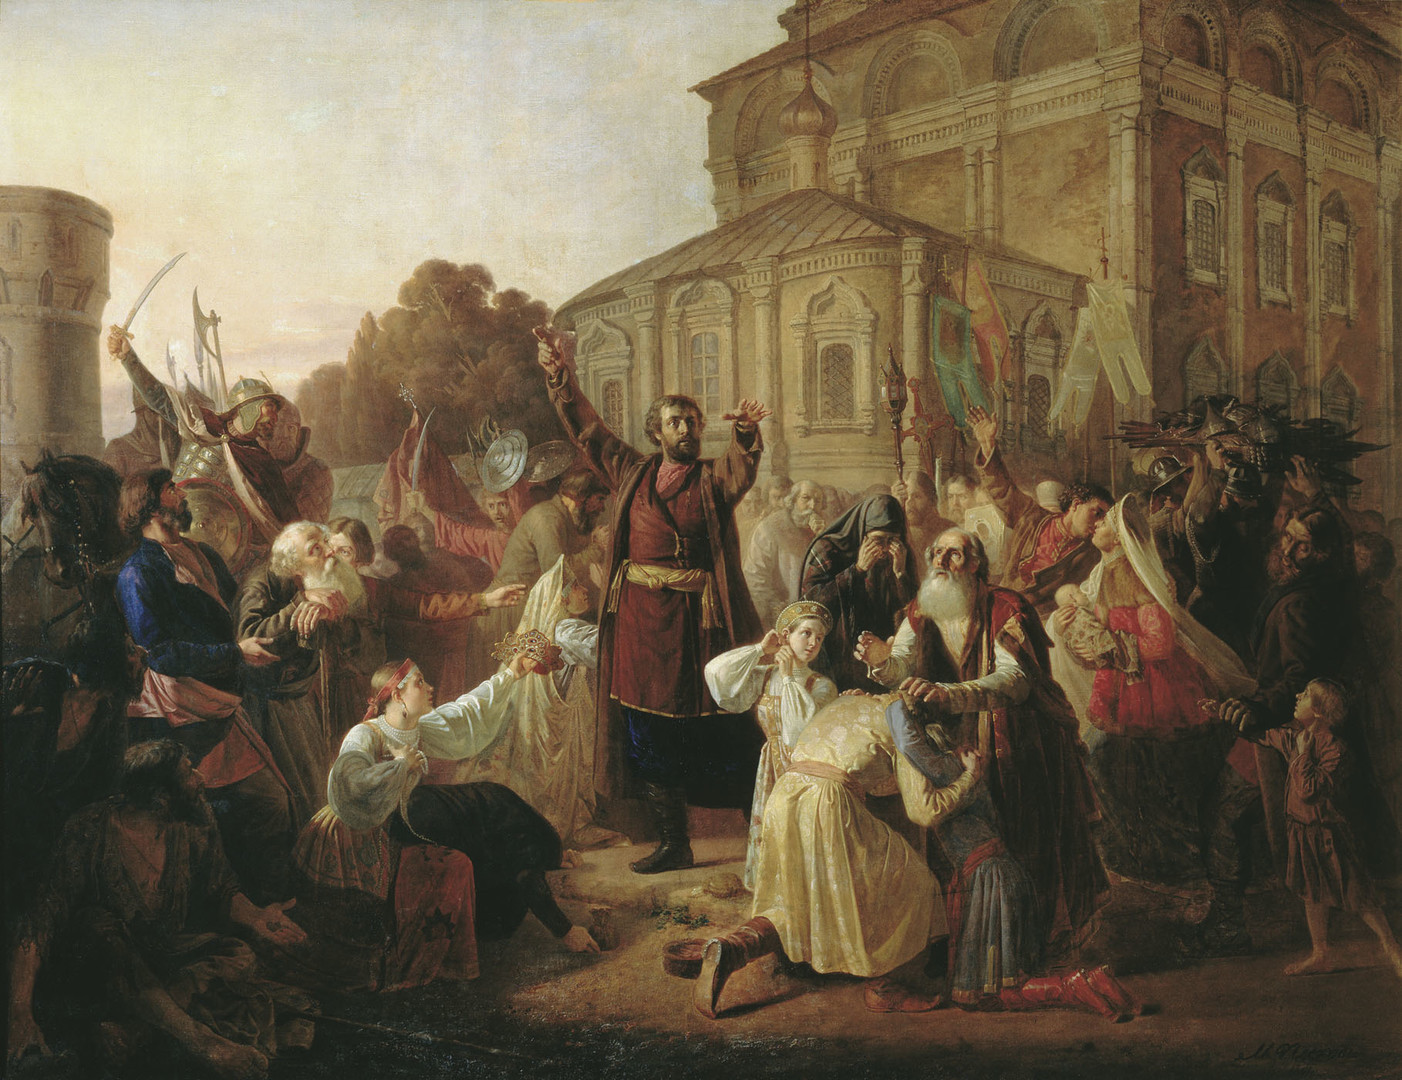 Кузма Минин ги повикува Русите да се обединат и да ја ослободат Москва од Полјаците